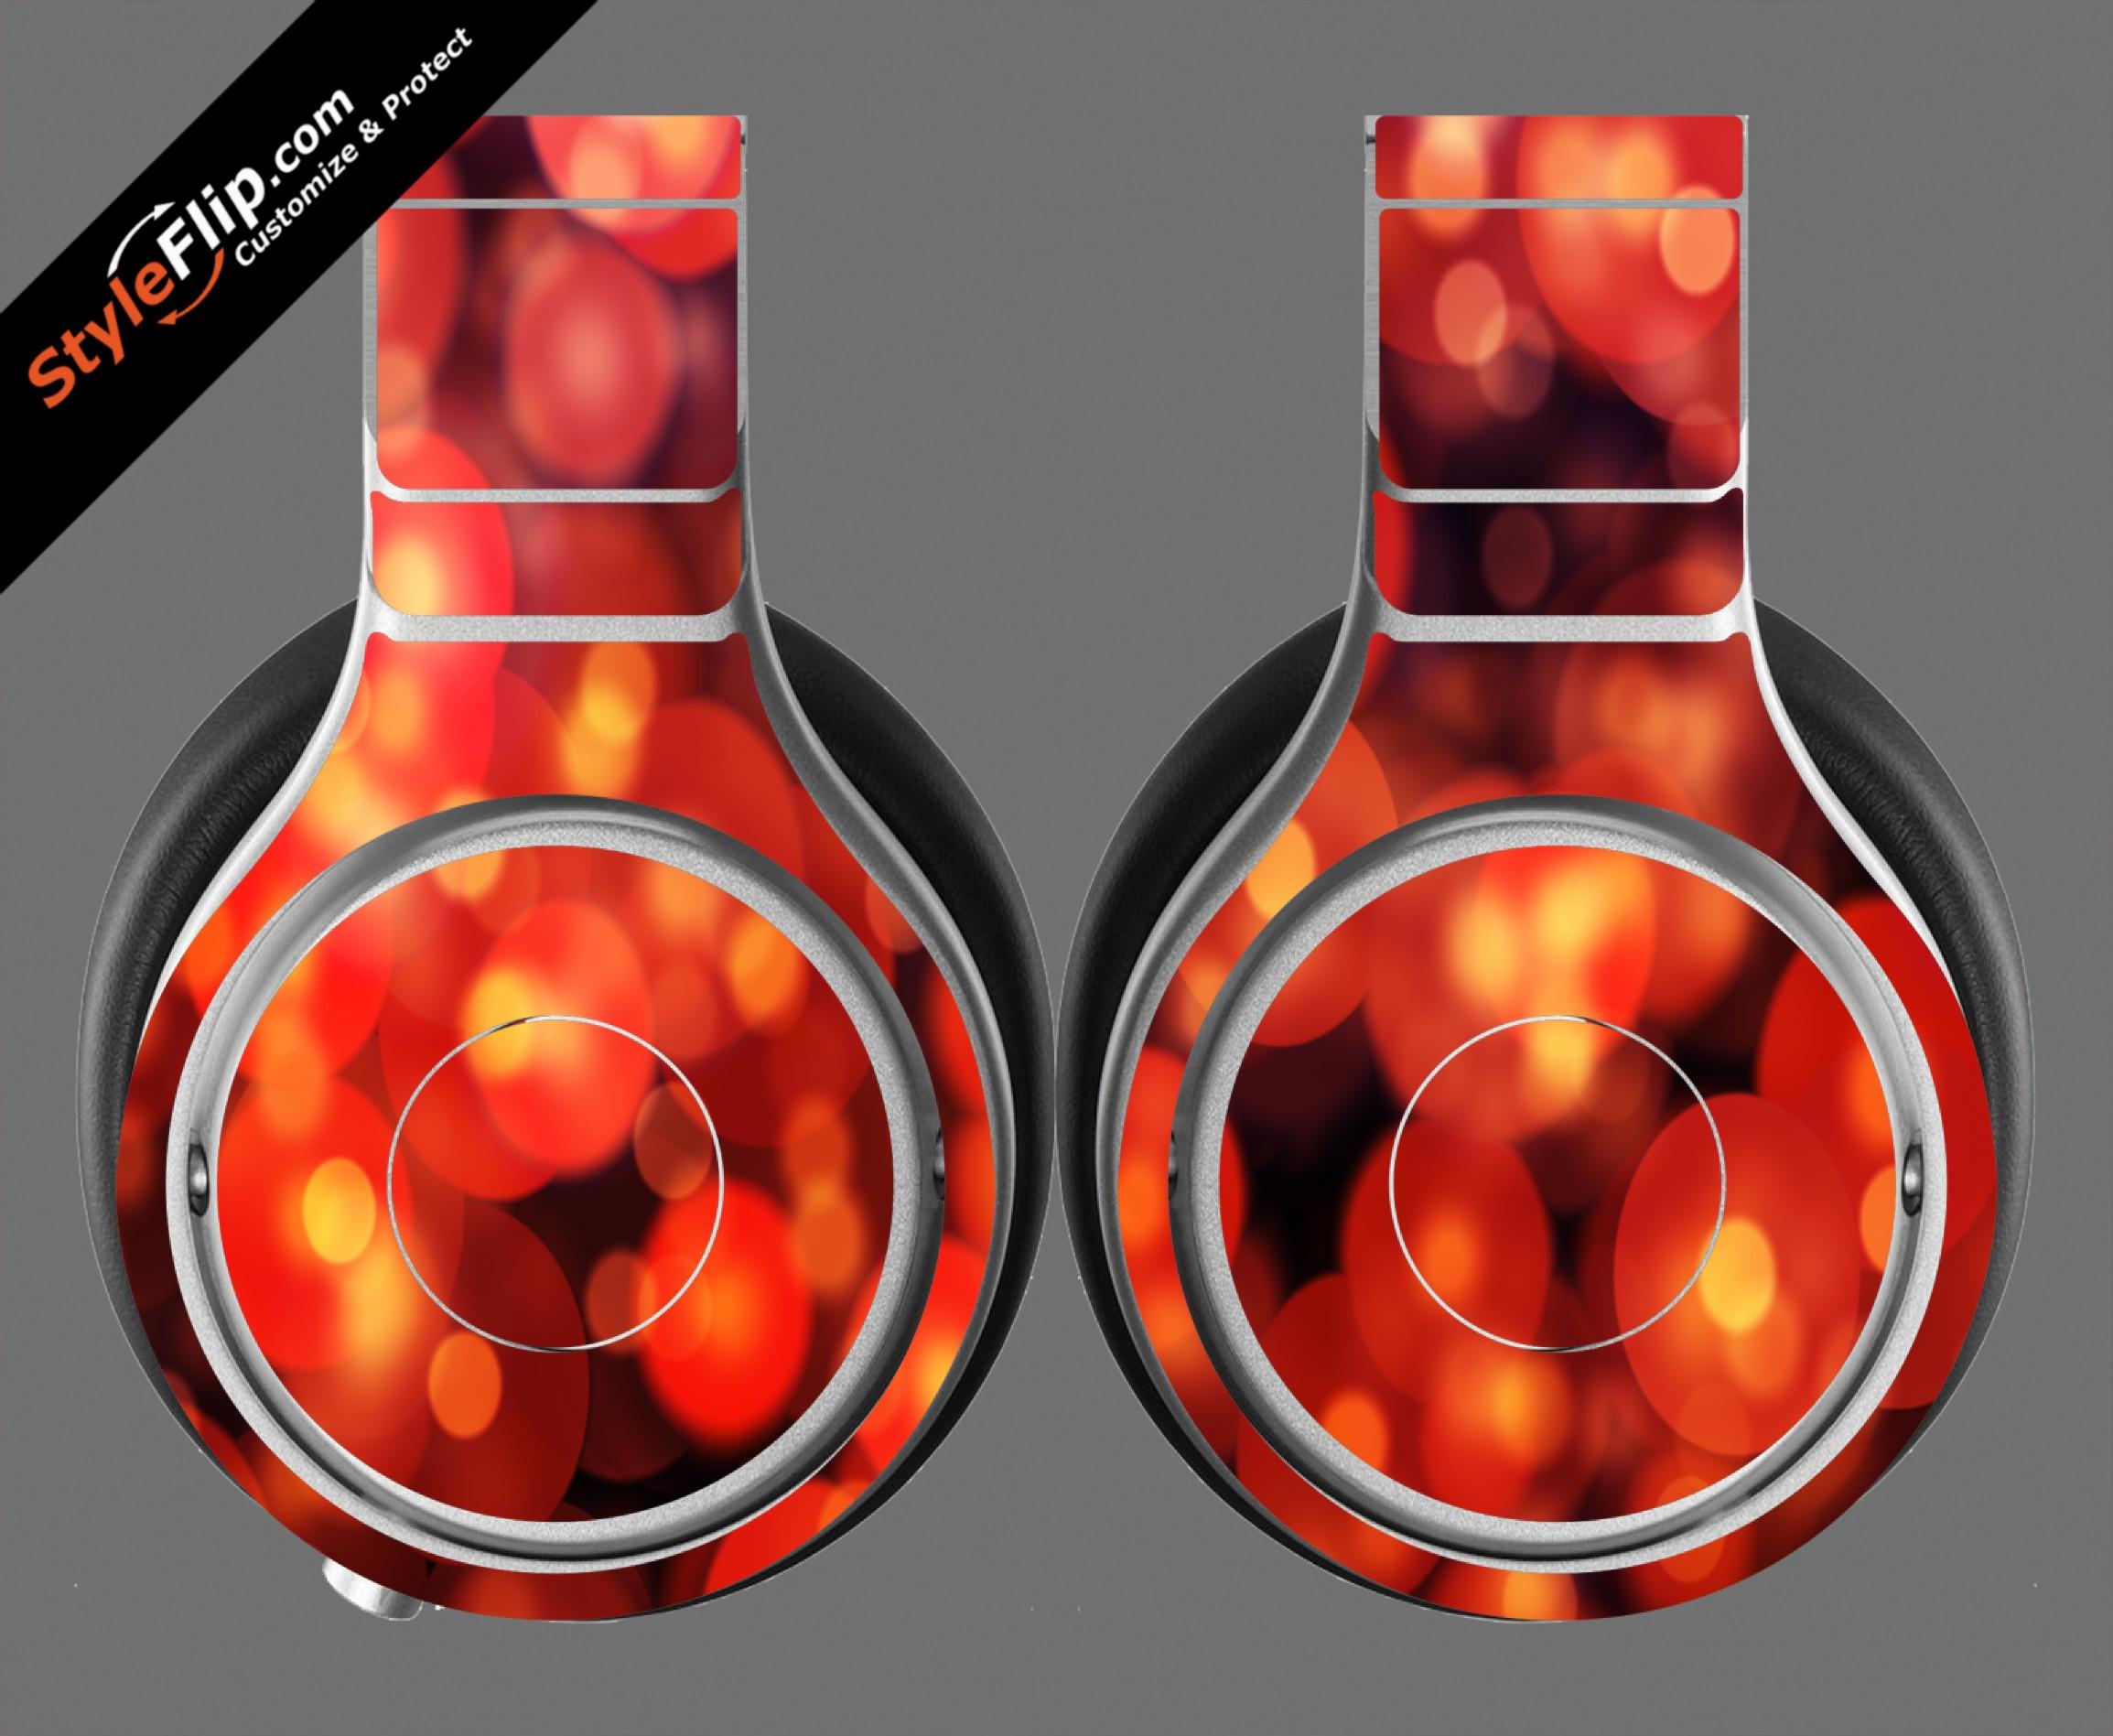 Firefly Beats By Dr. Dre Beats Pro Model